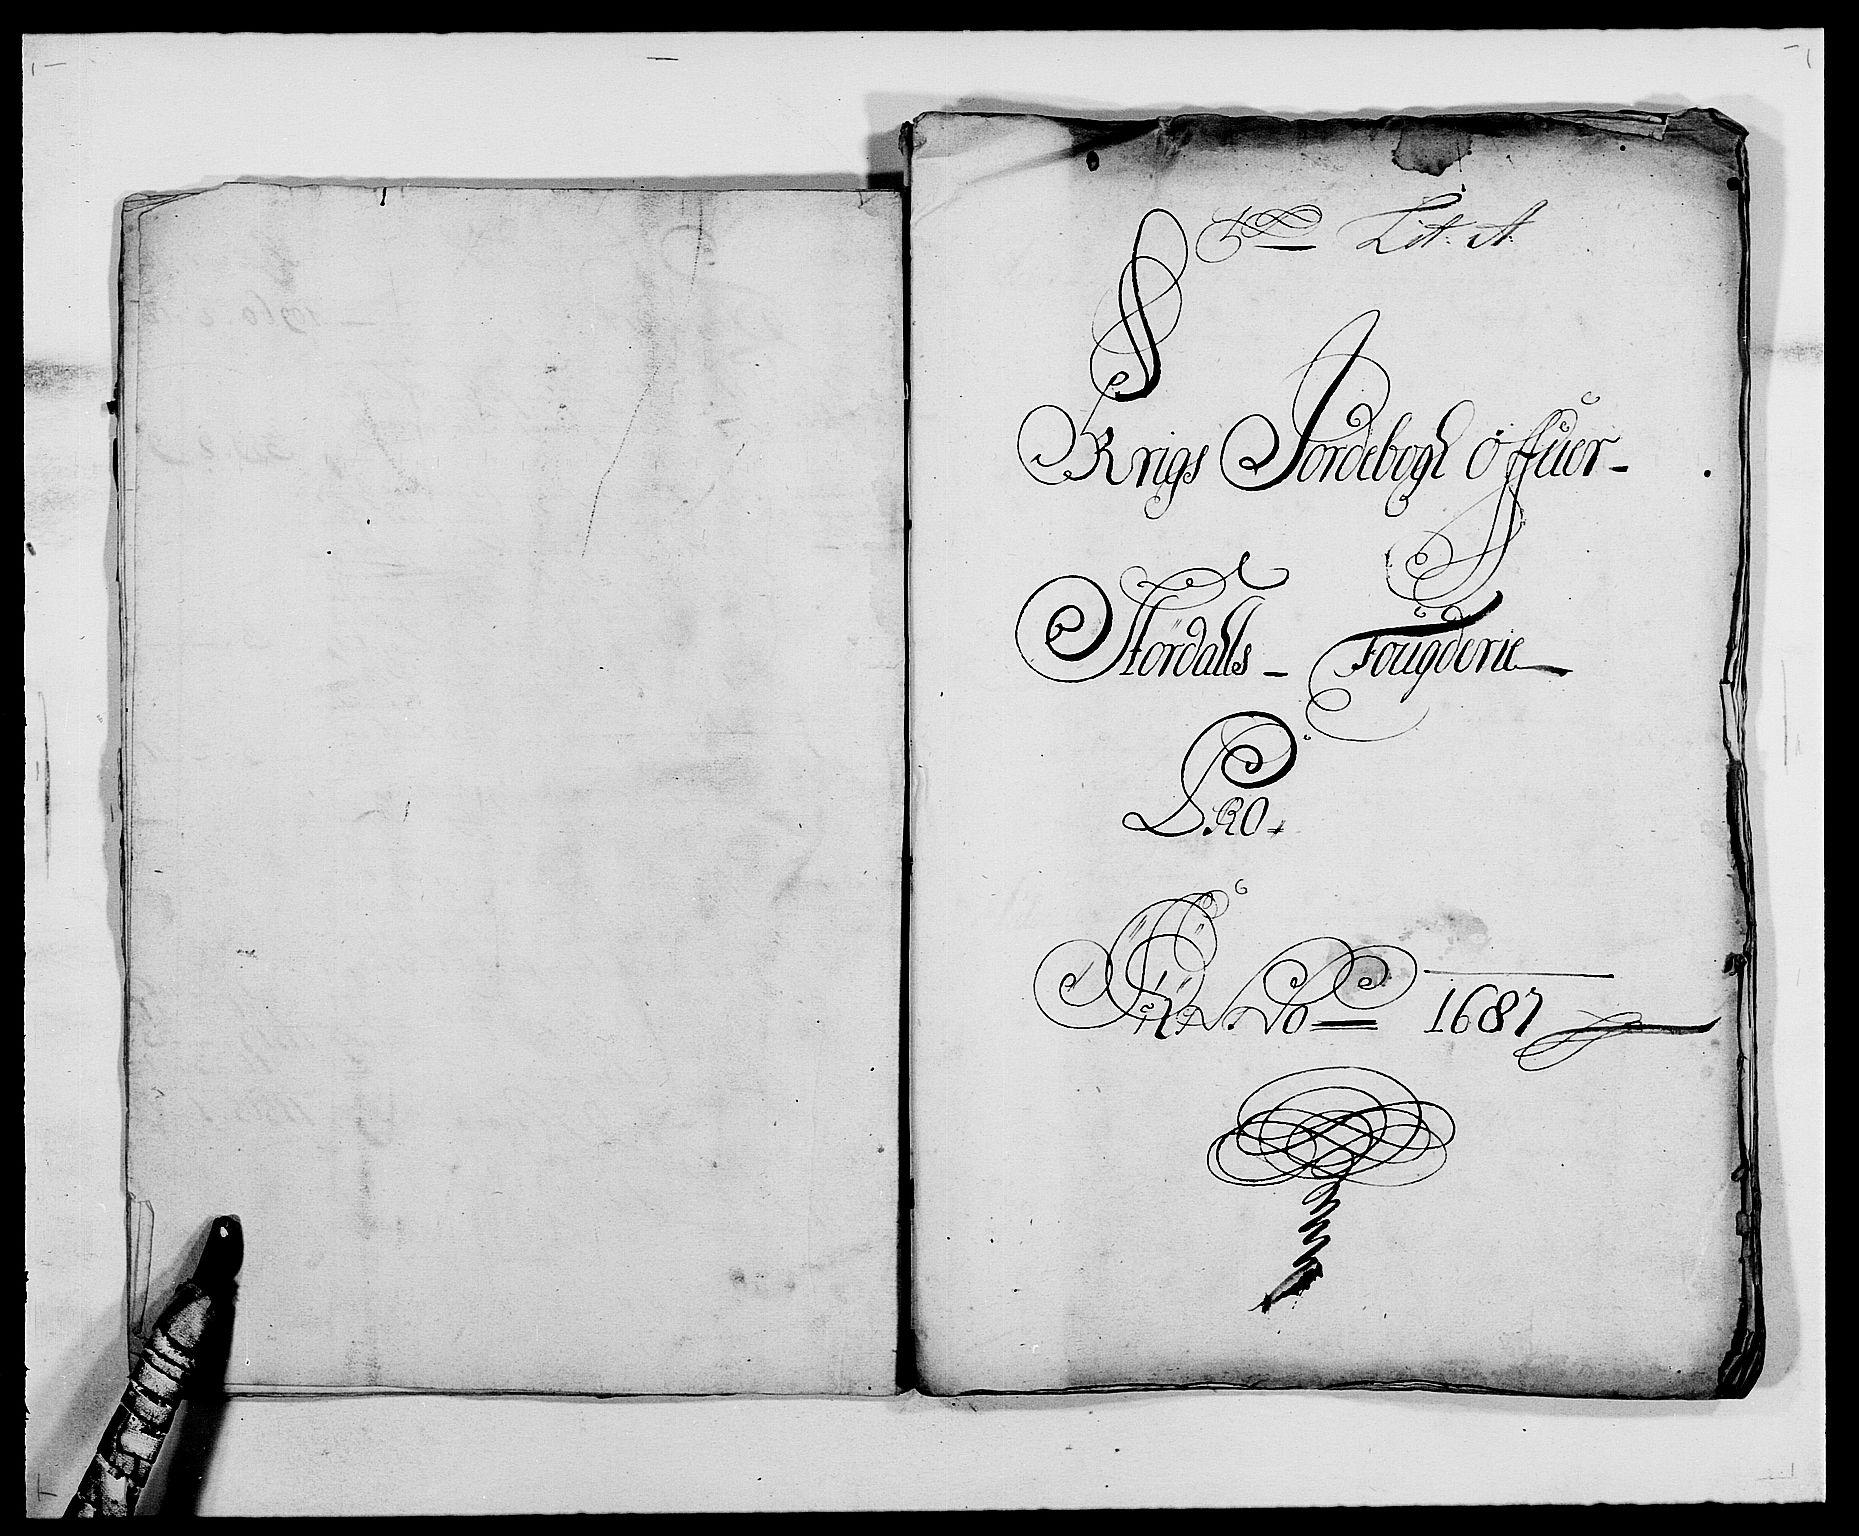 RA, Rentekammeret inntil 1814, Reviderte regnskaper, Fogderegnskap, R62/L4183: Fogderegnskap Stjørdal og Verdal, 1687-1689, s. 11